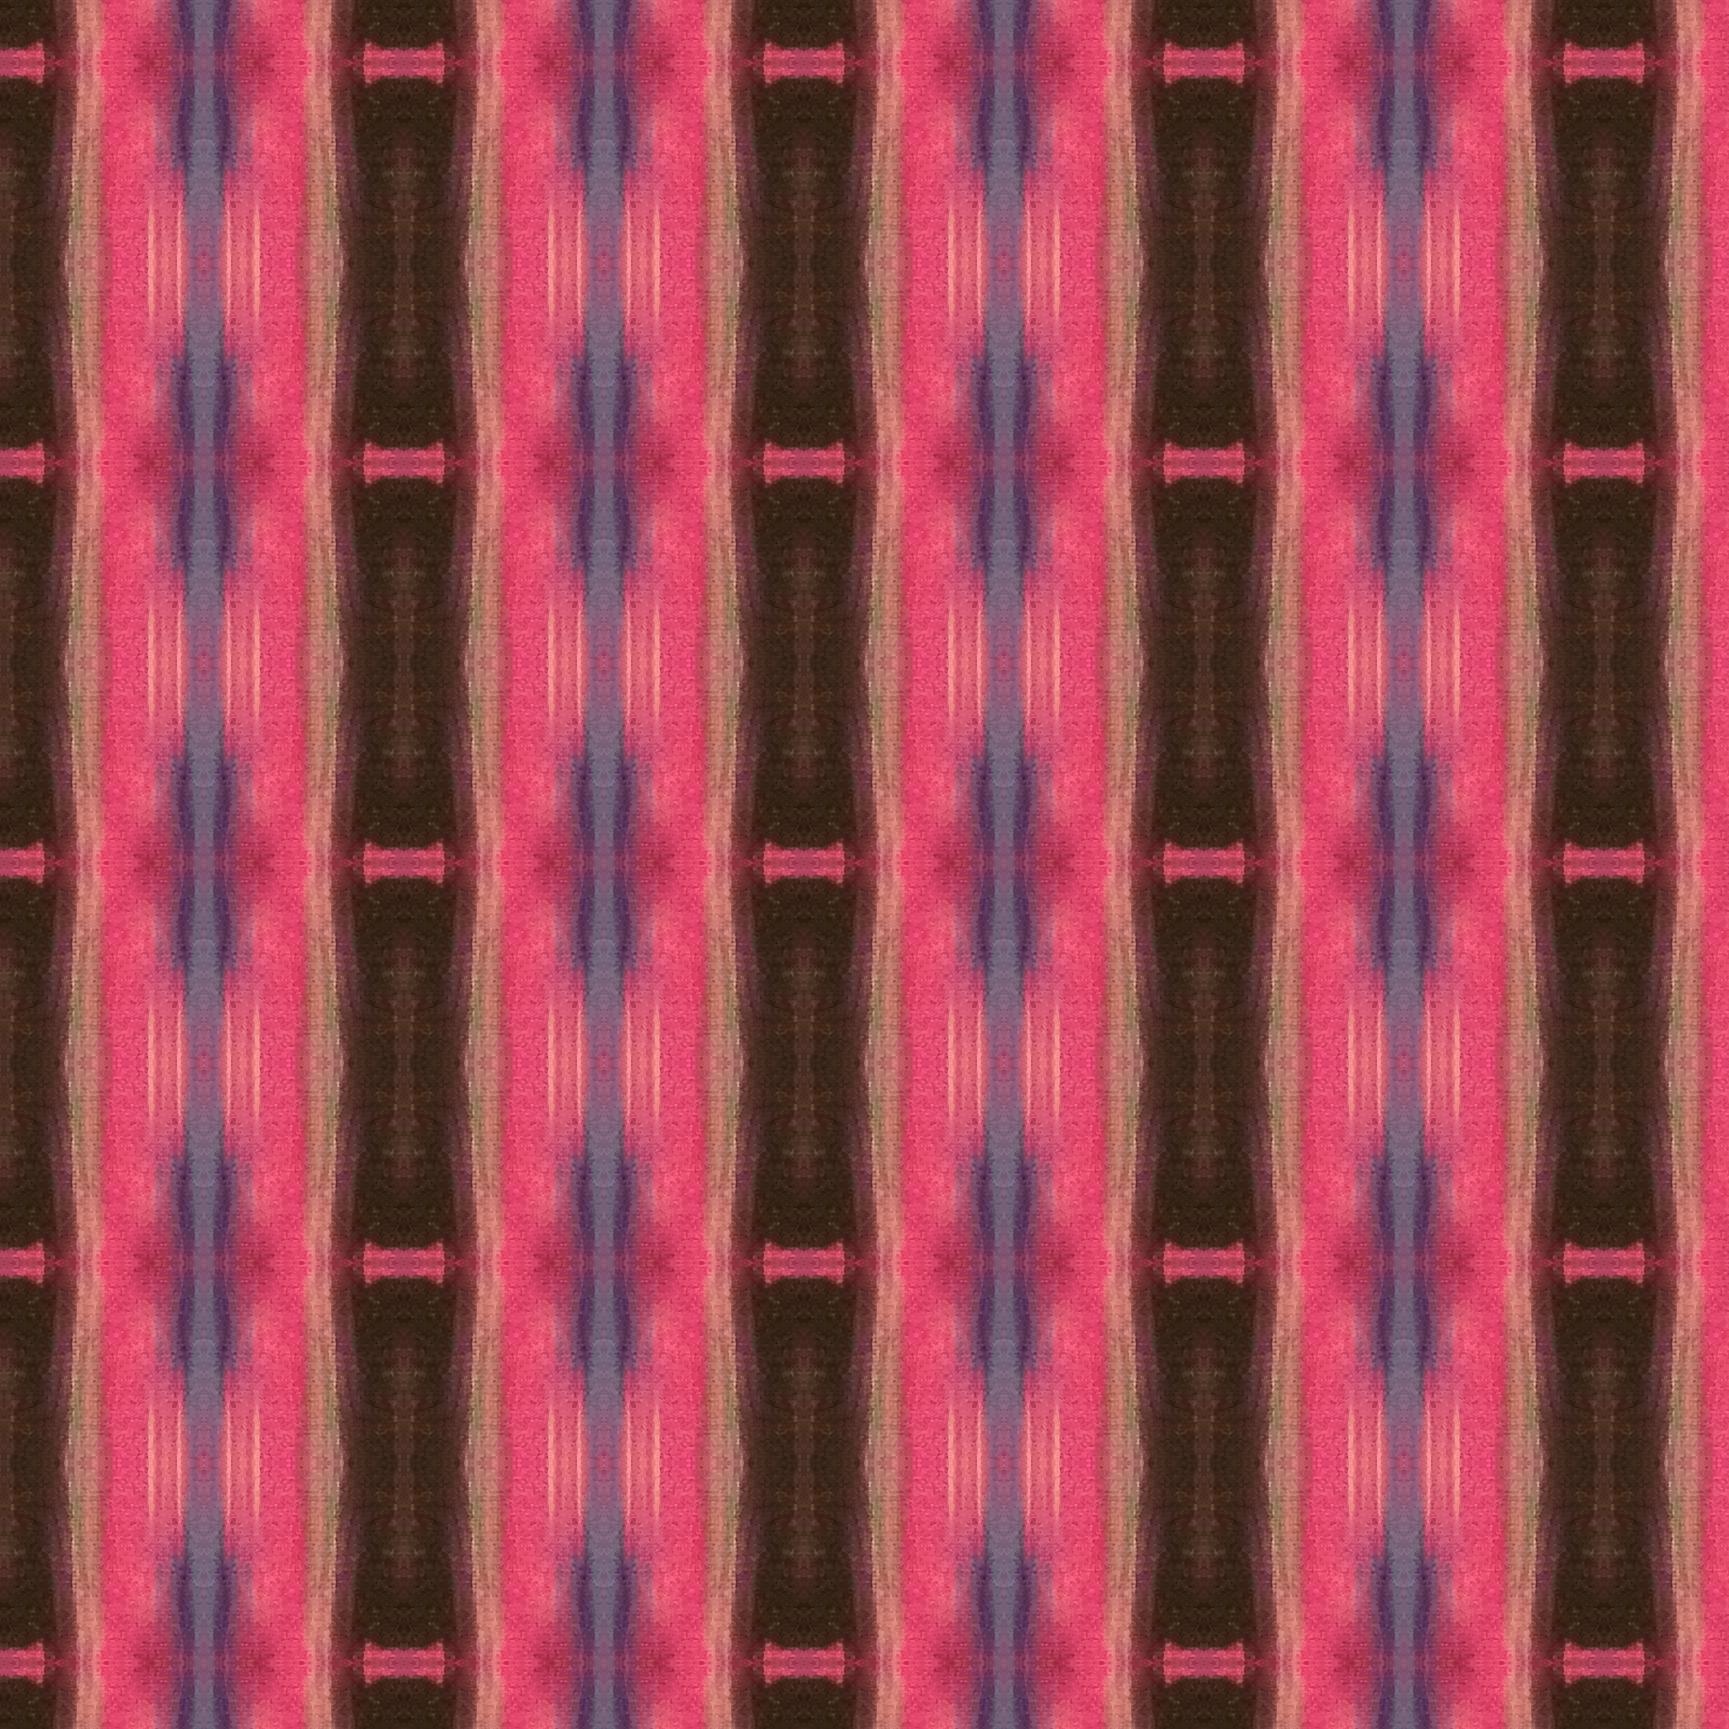 Fabric design _8799_1i